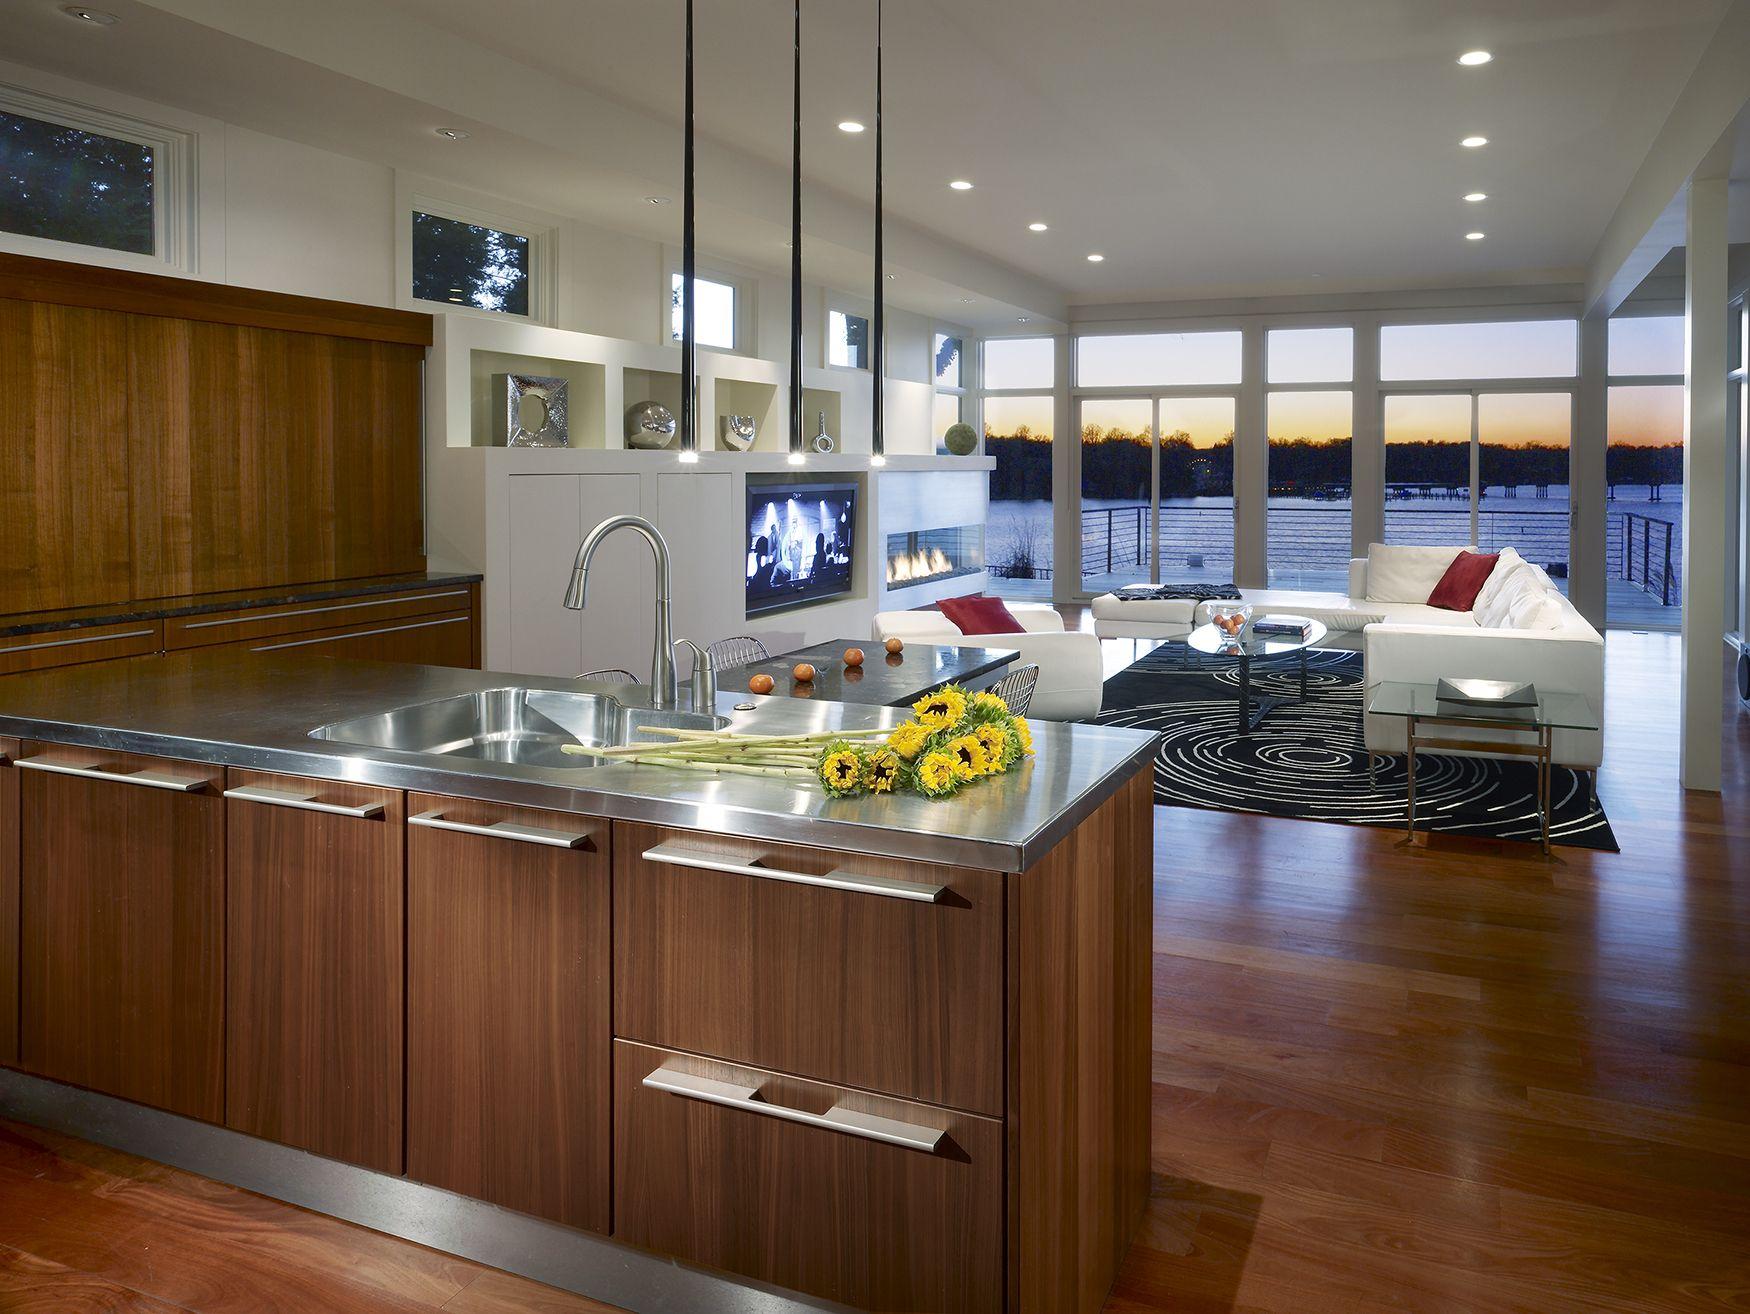 KONST SieMatic Kitchen Interior Design - Modern Cabinetry Island ...